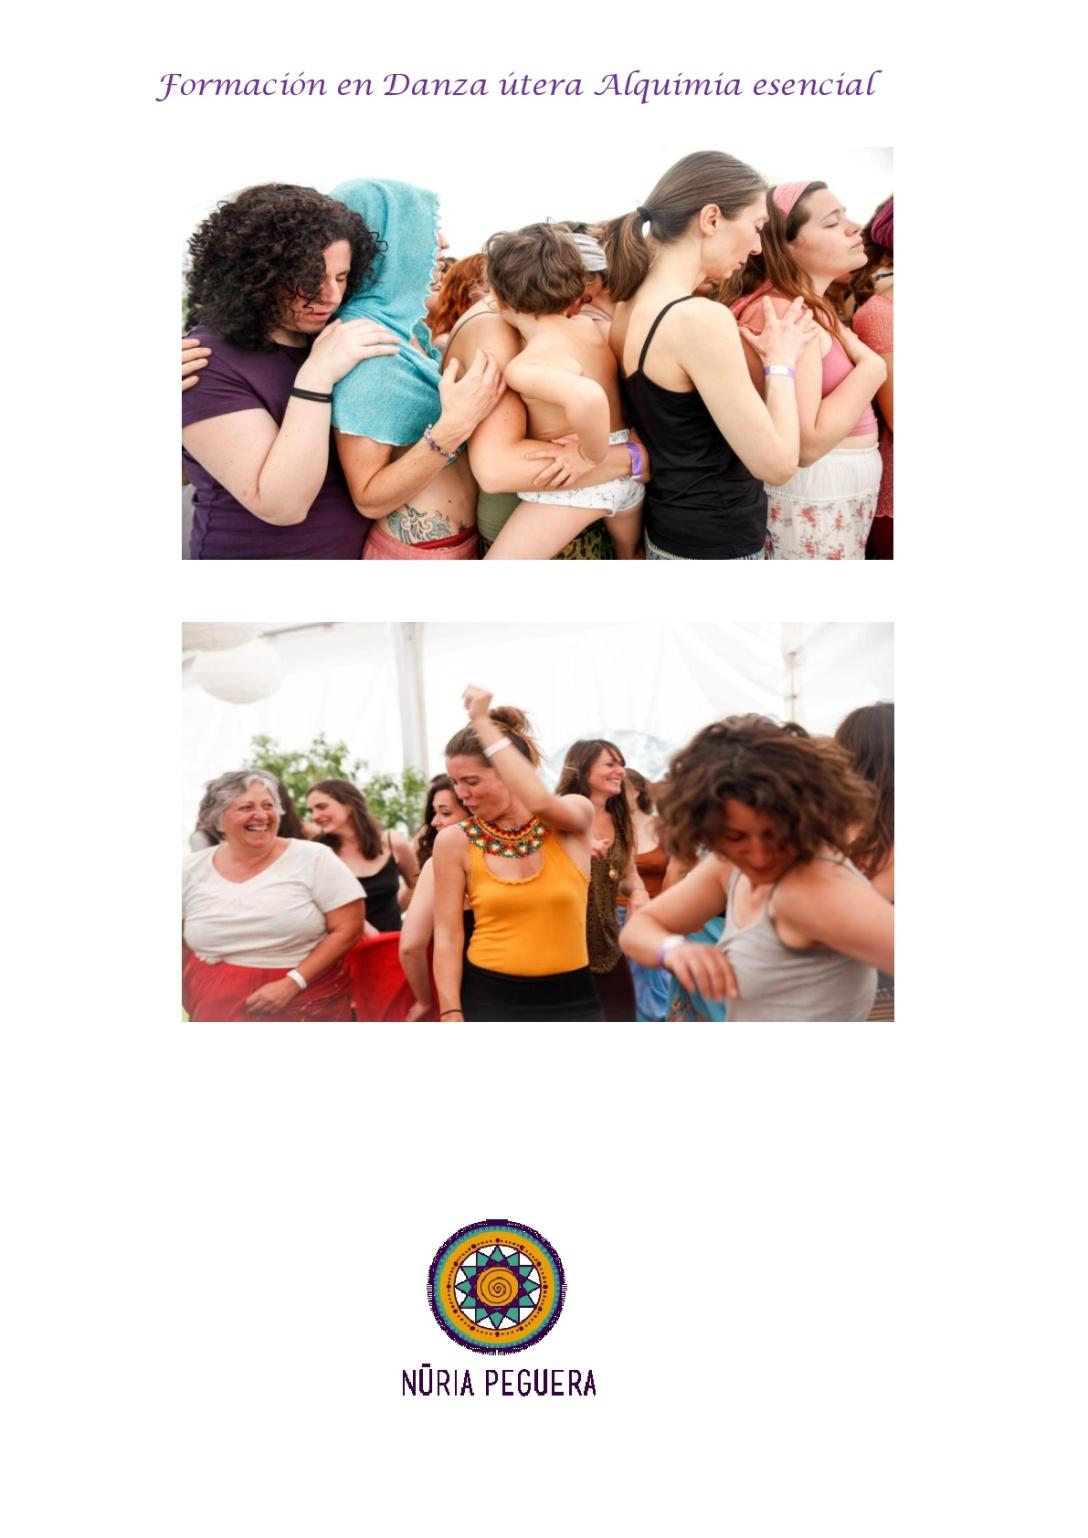 danza-utera-formacion-005